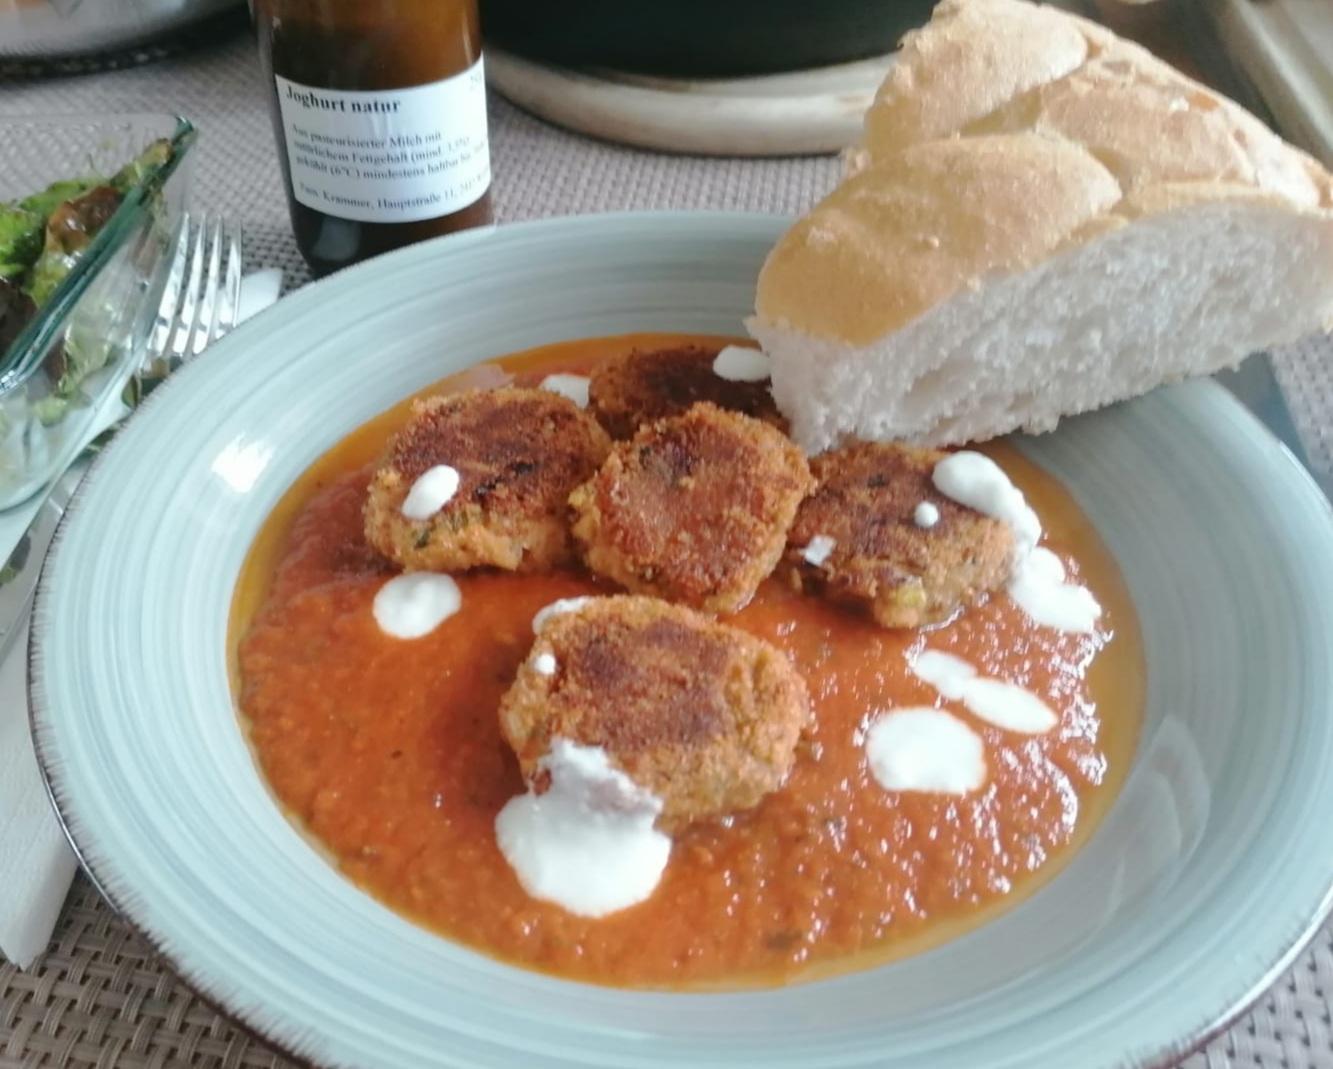 Bohnenlaibchen in Tomatensauce, türkisches Fladenbrot und Joghurt